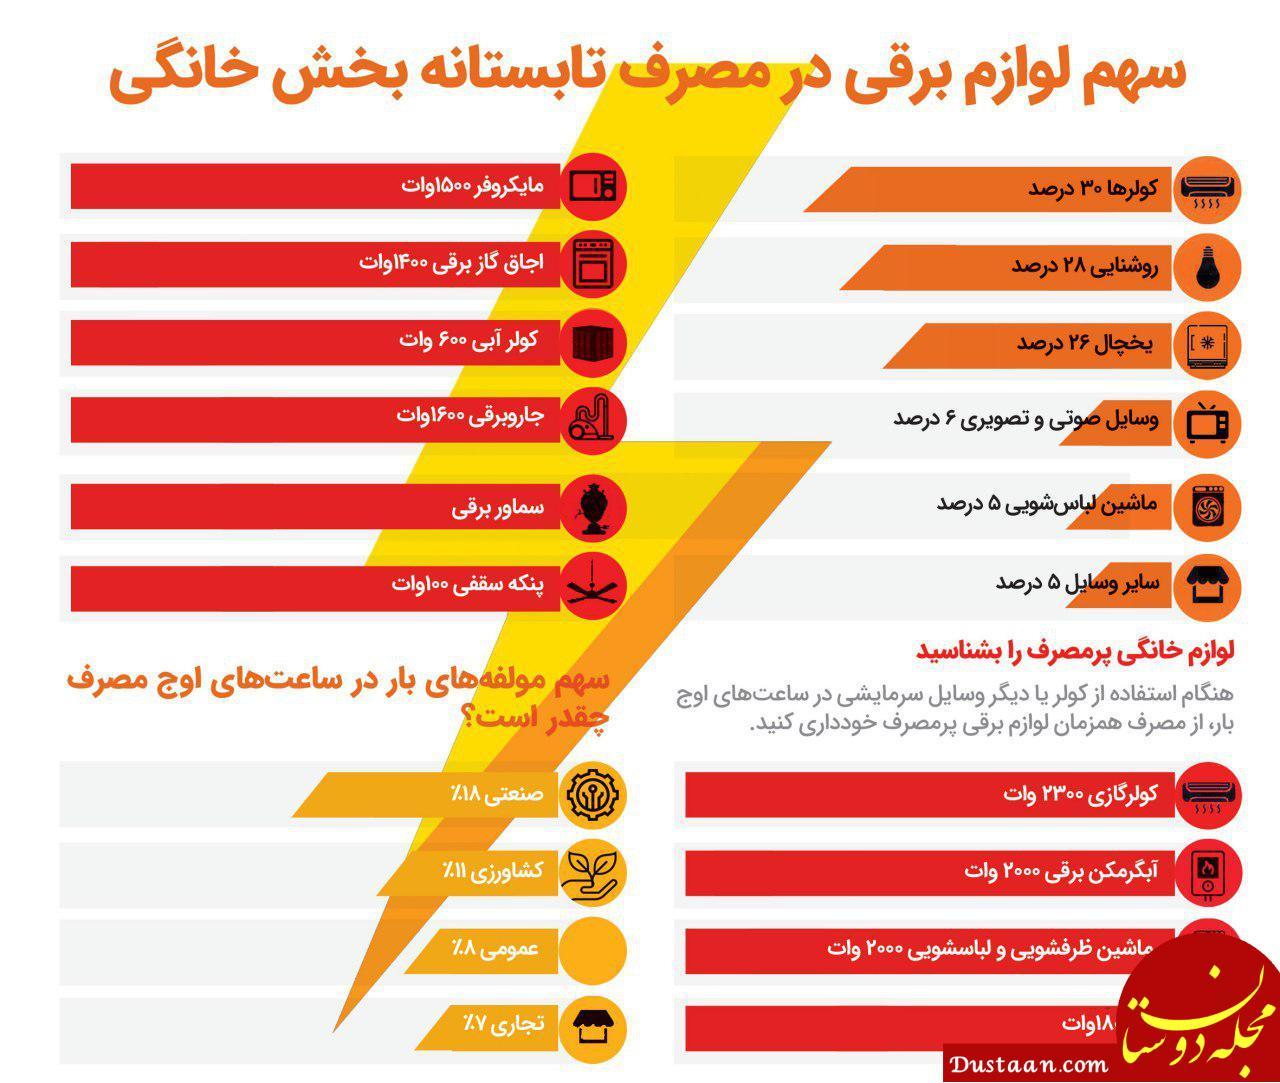 www.dustaan.com سهم لوازم برقی در مصرف تابستانه بخش خانگی را بدانید